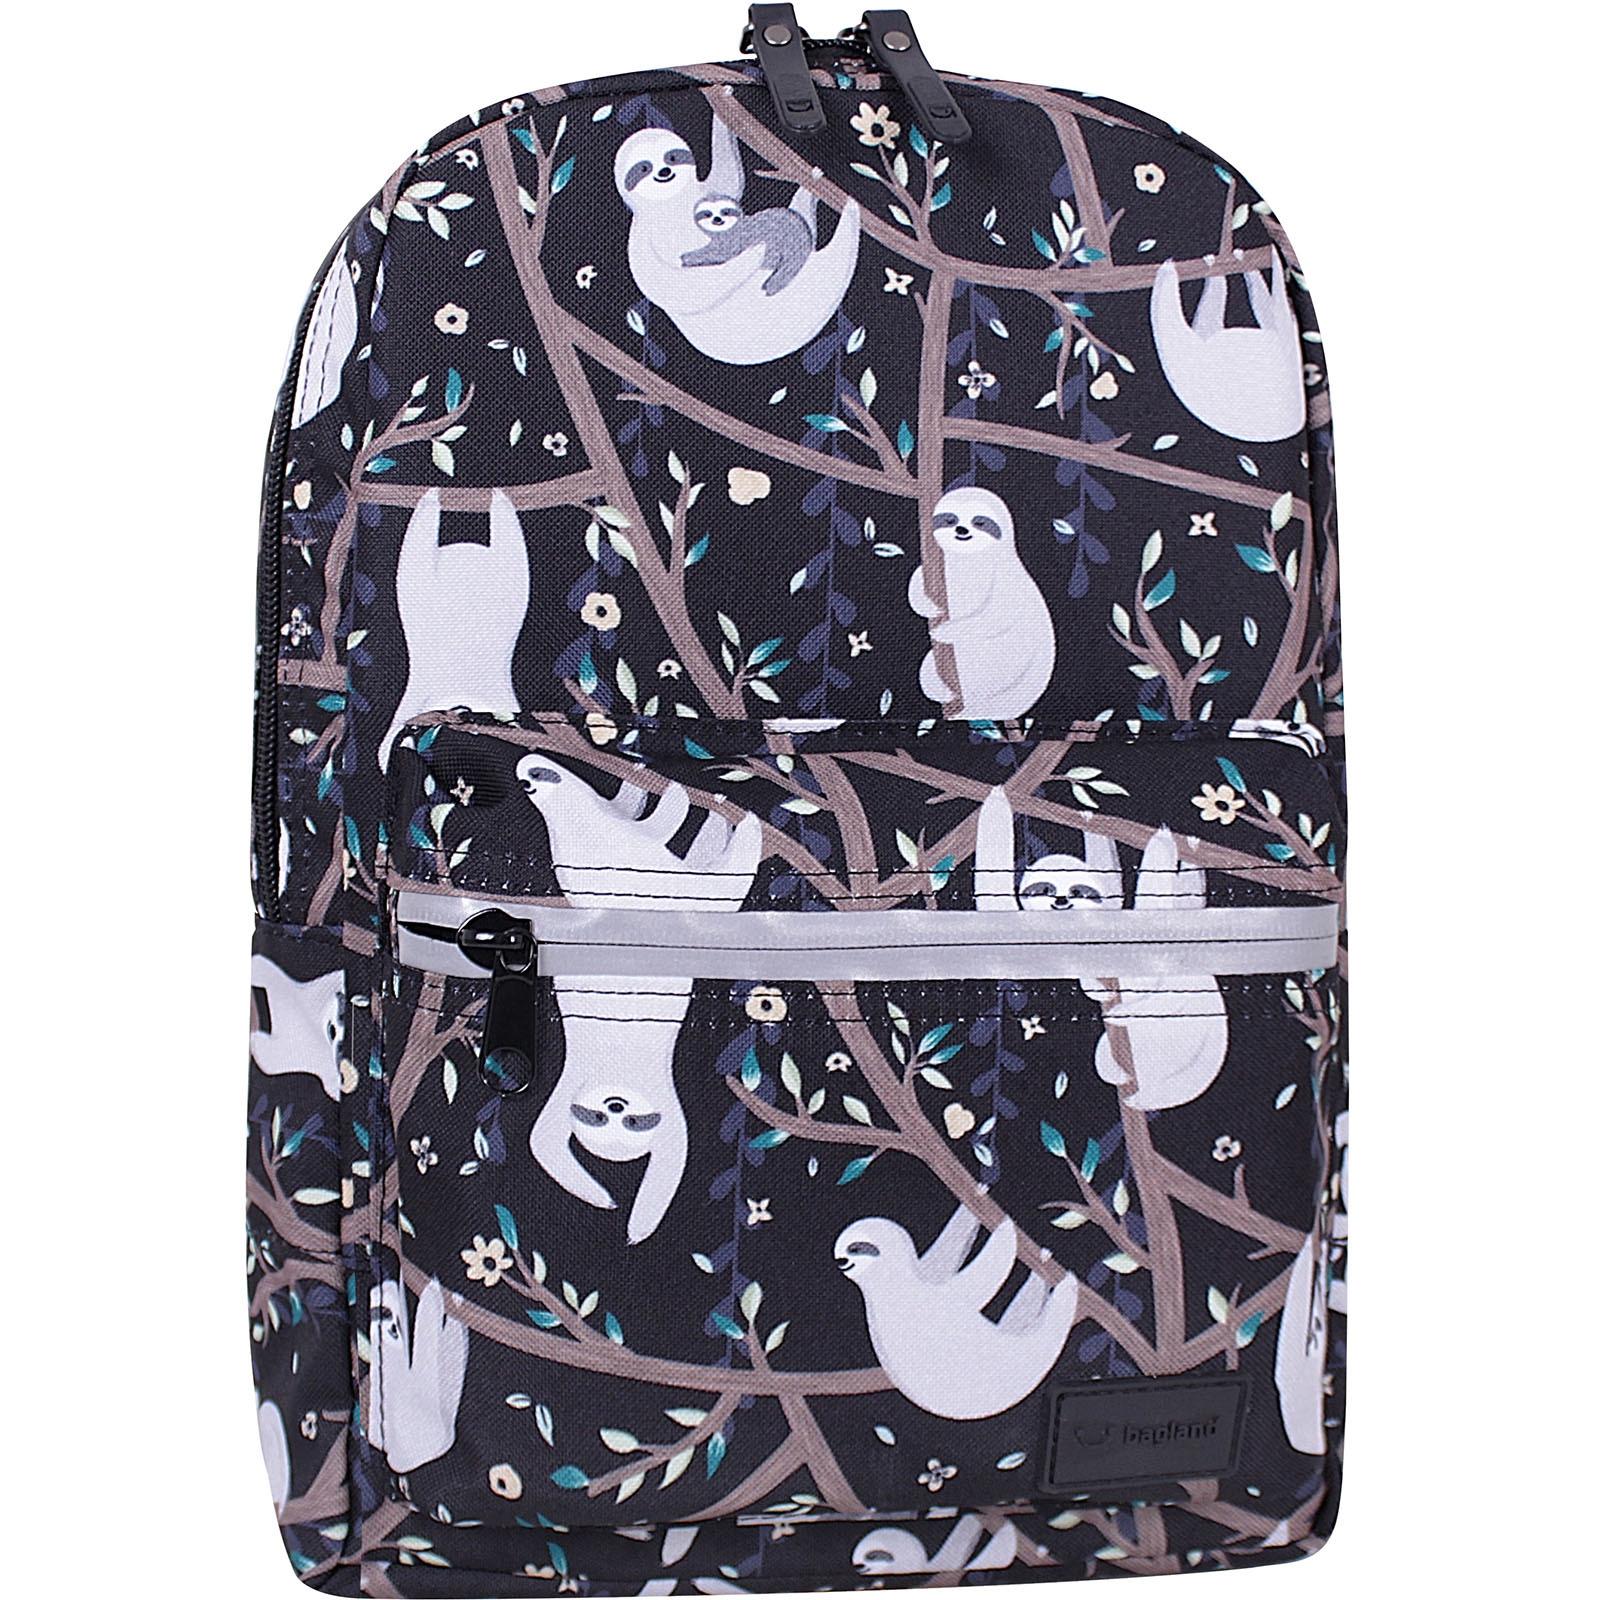 Детские рюкзаки Рюкзак Bagland Молодежный mini 8 л. сублимация 760 (00508664) IMG_1894суб.760.JPG